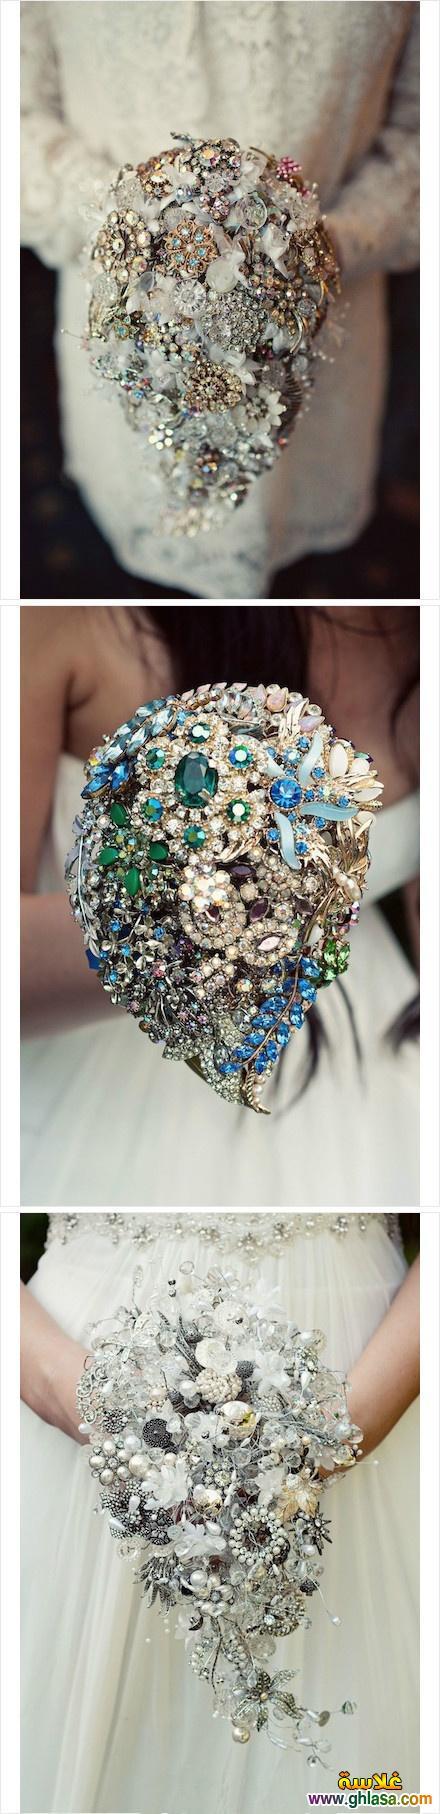 بوكي عروسه مصنوع من الماس مكان الورد البلدي روعه جدا ghlasa1382123620241.jpg